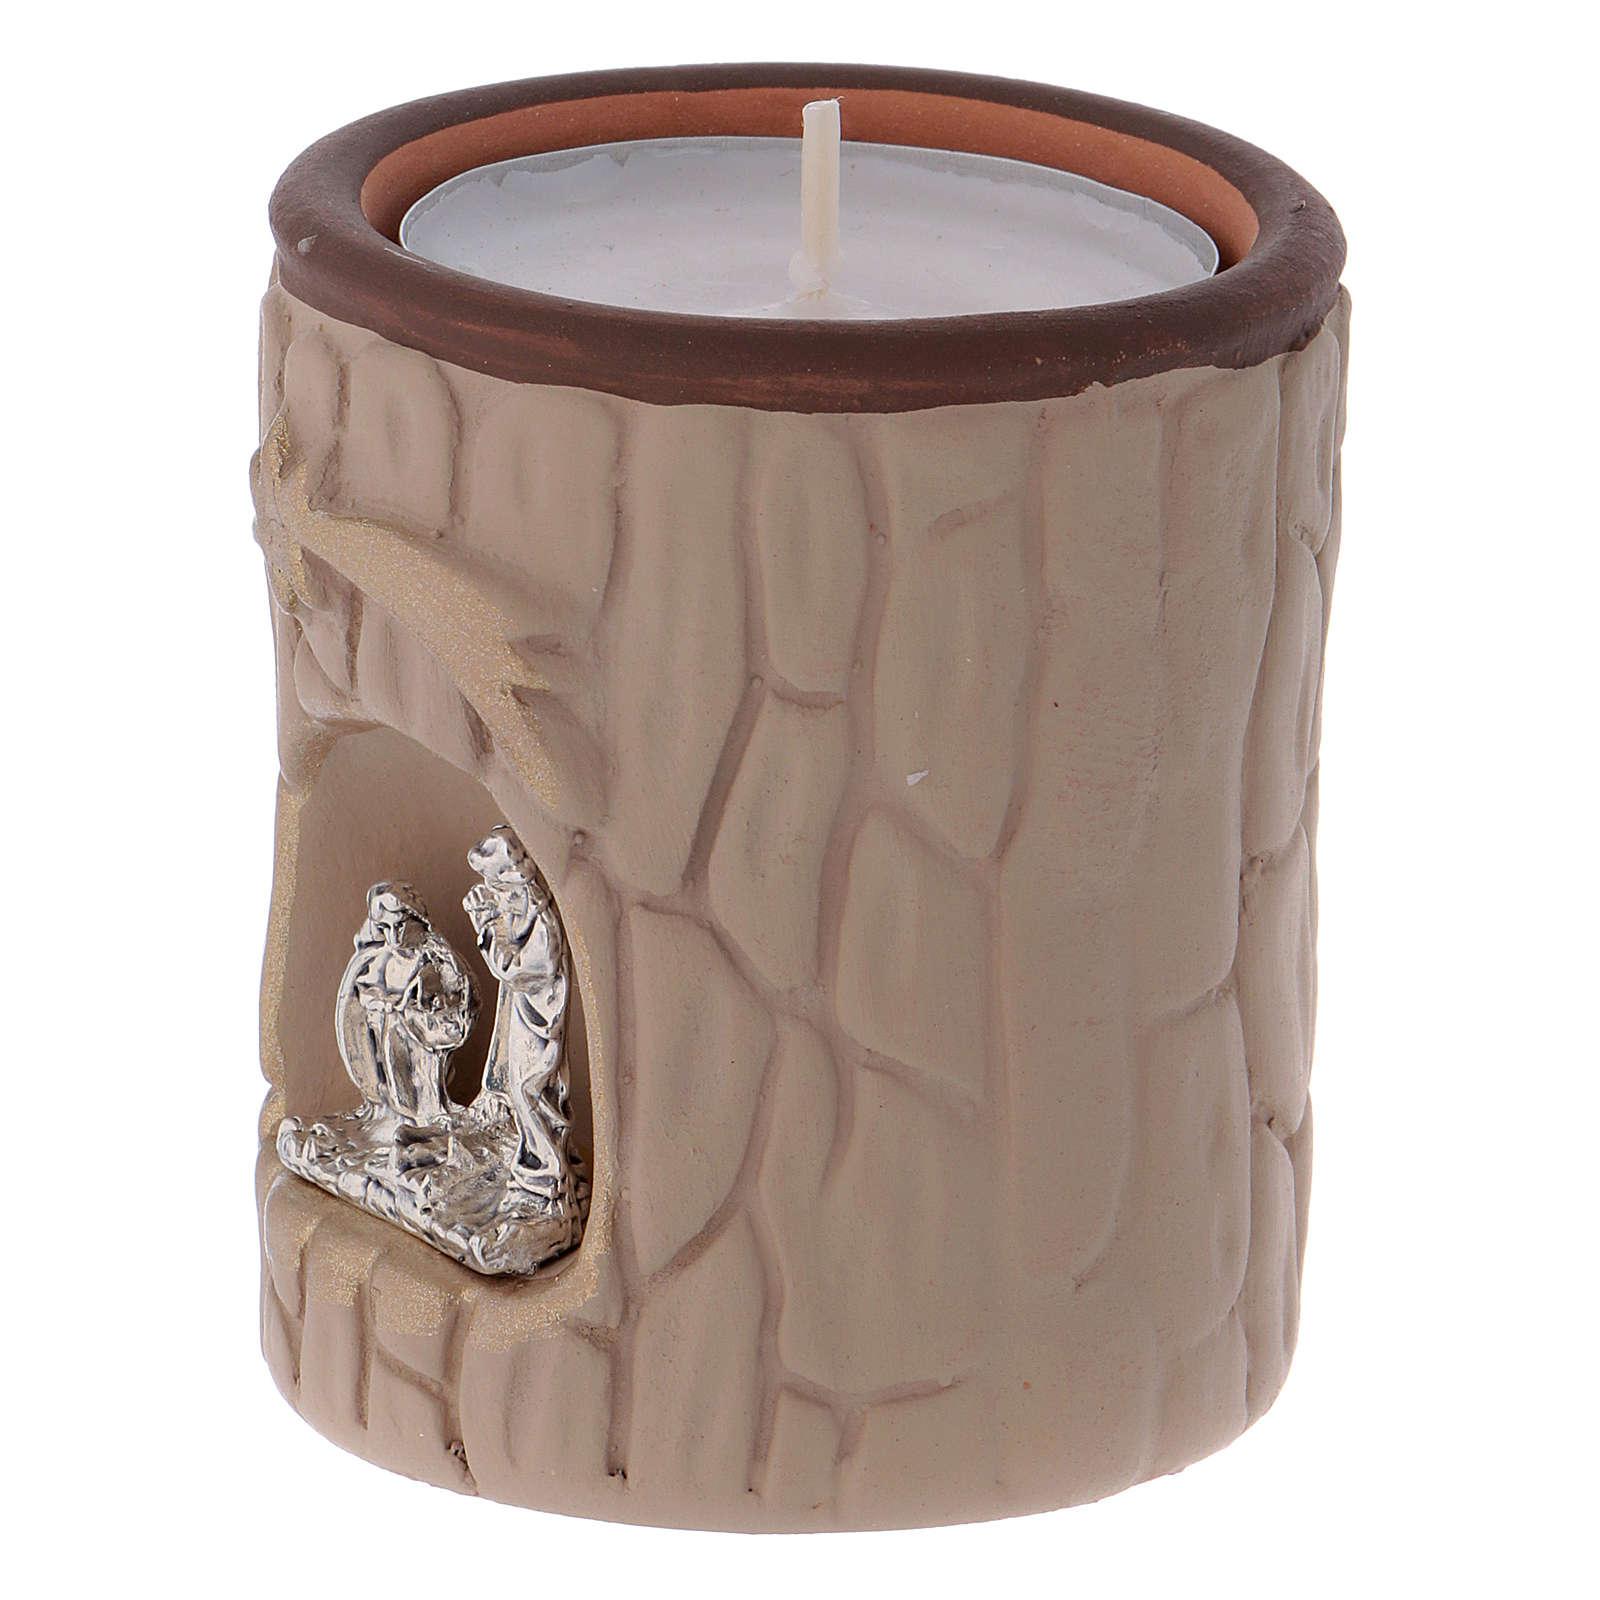 Portalumino cilindrico color beige con Natività terracotta Deruta 3